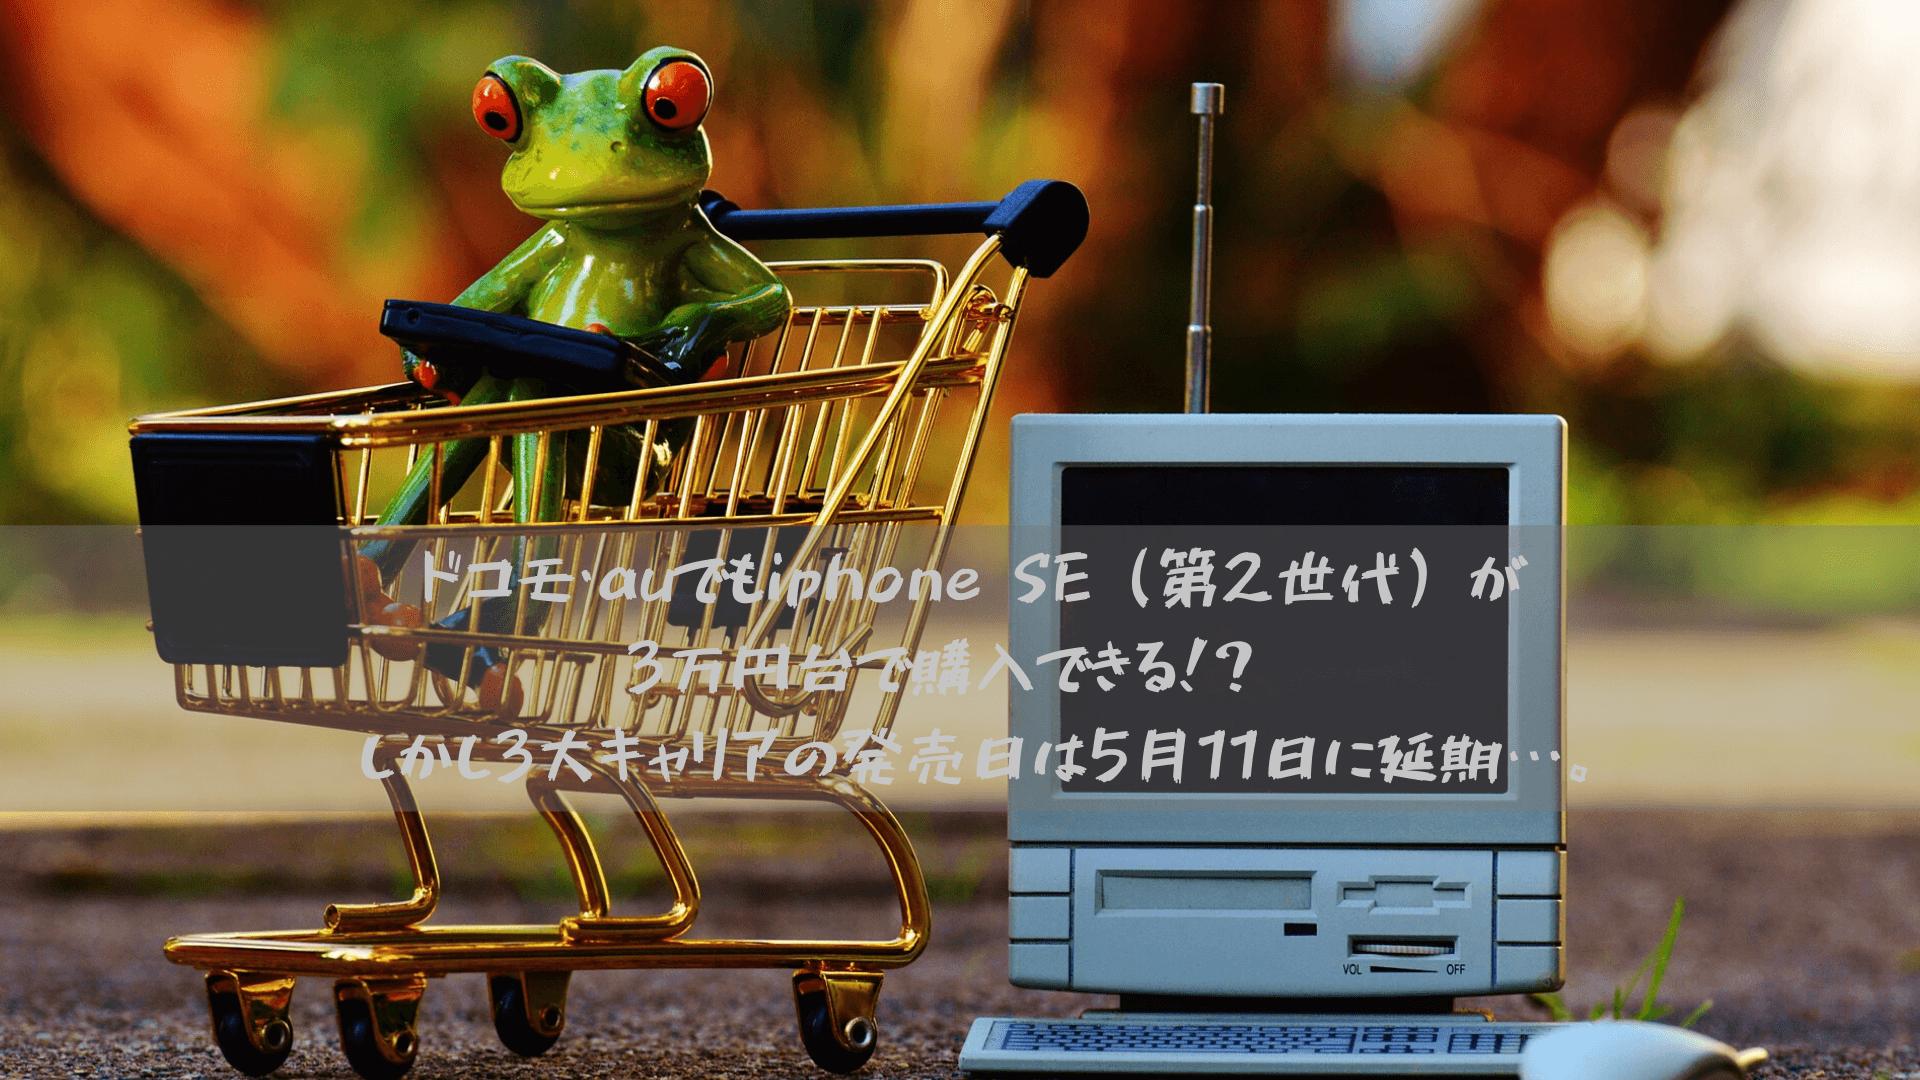 ドコモ・auでもiphone SE(第2世代)が3万円台で購入できる!?※しかし3大キャリアの発売日は5月11日に延期…。